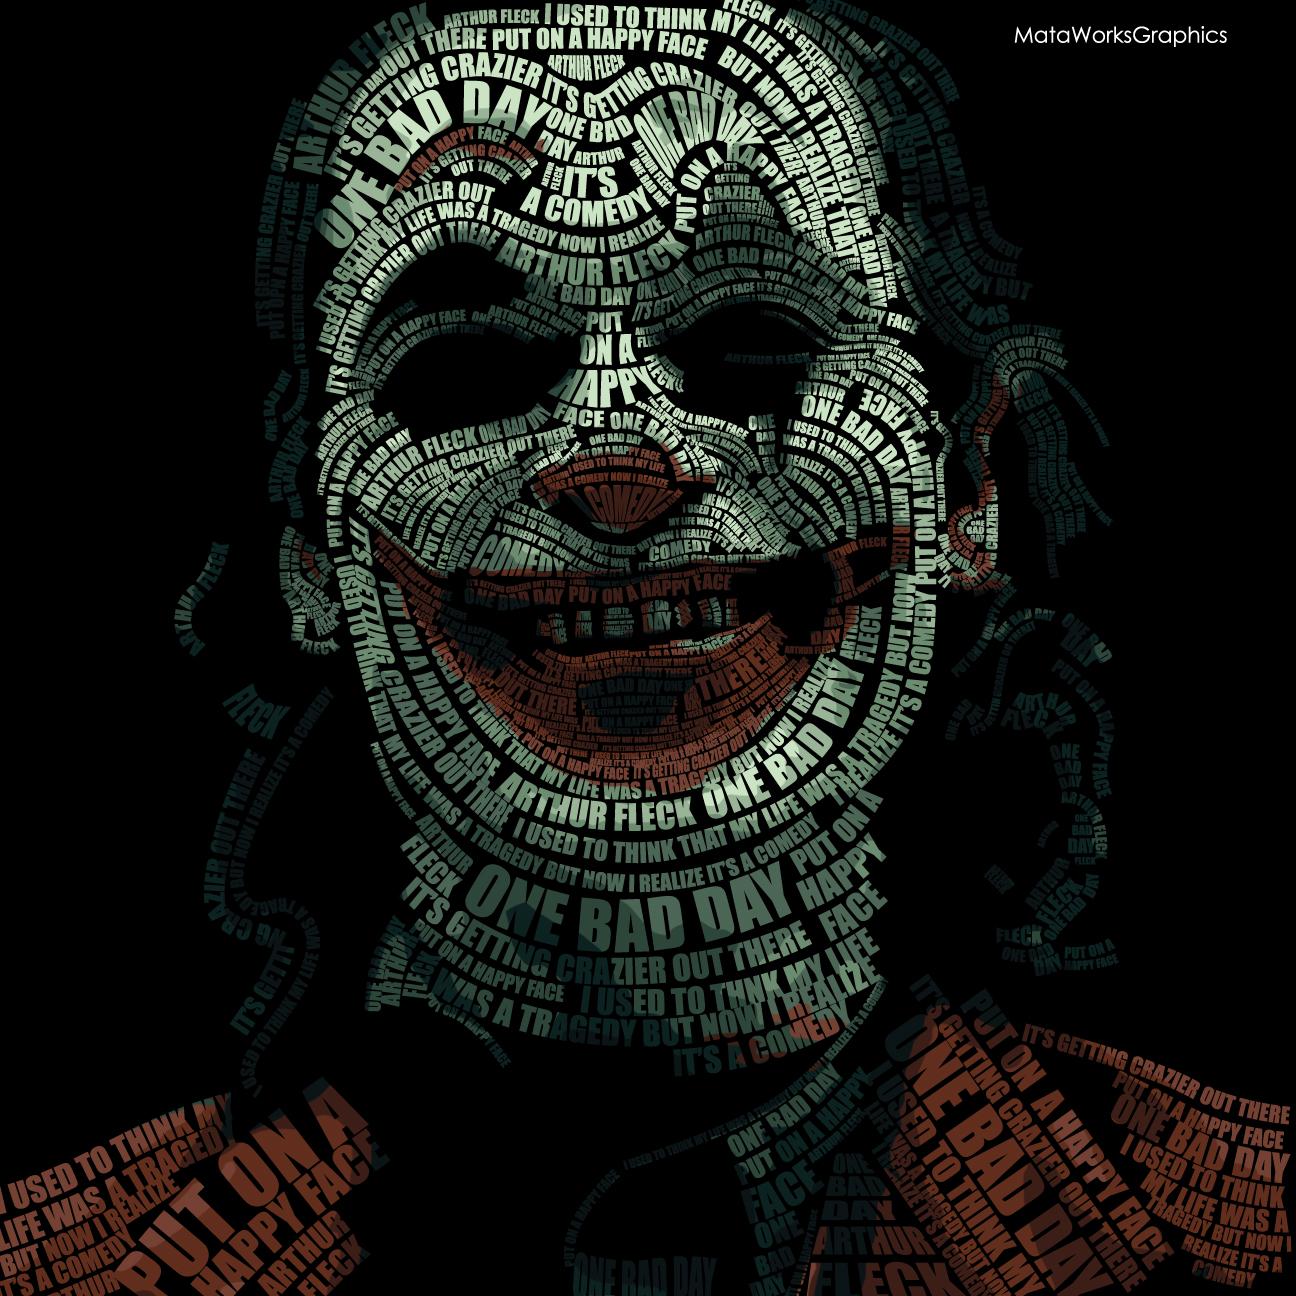 The Joker 2019 typography project by stayfrosty2 on Newgrounds